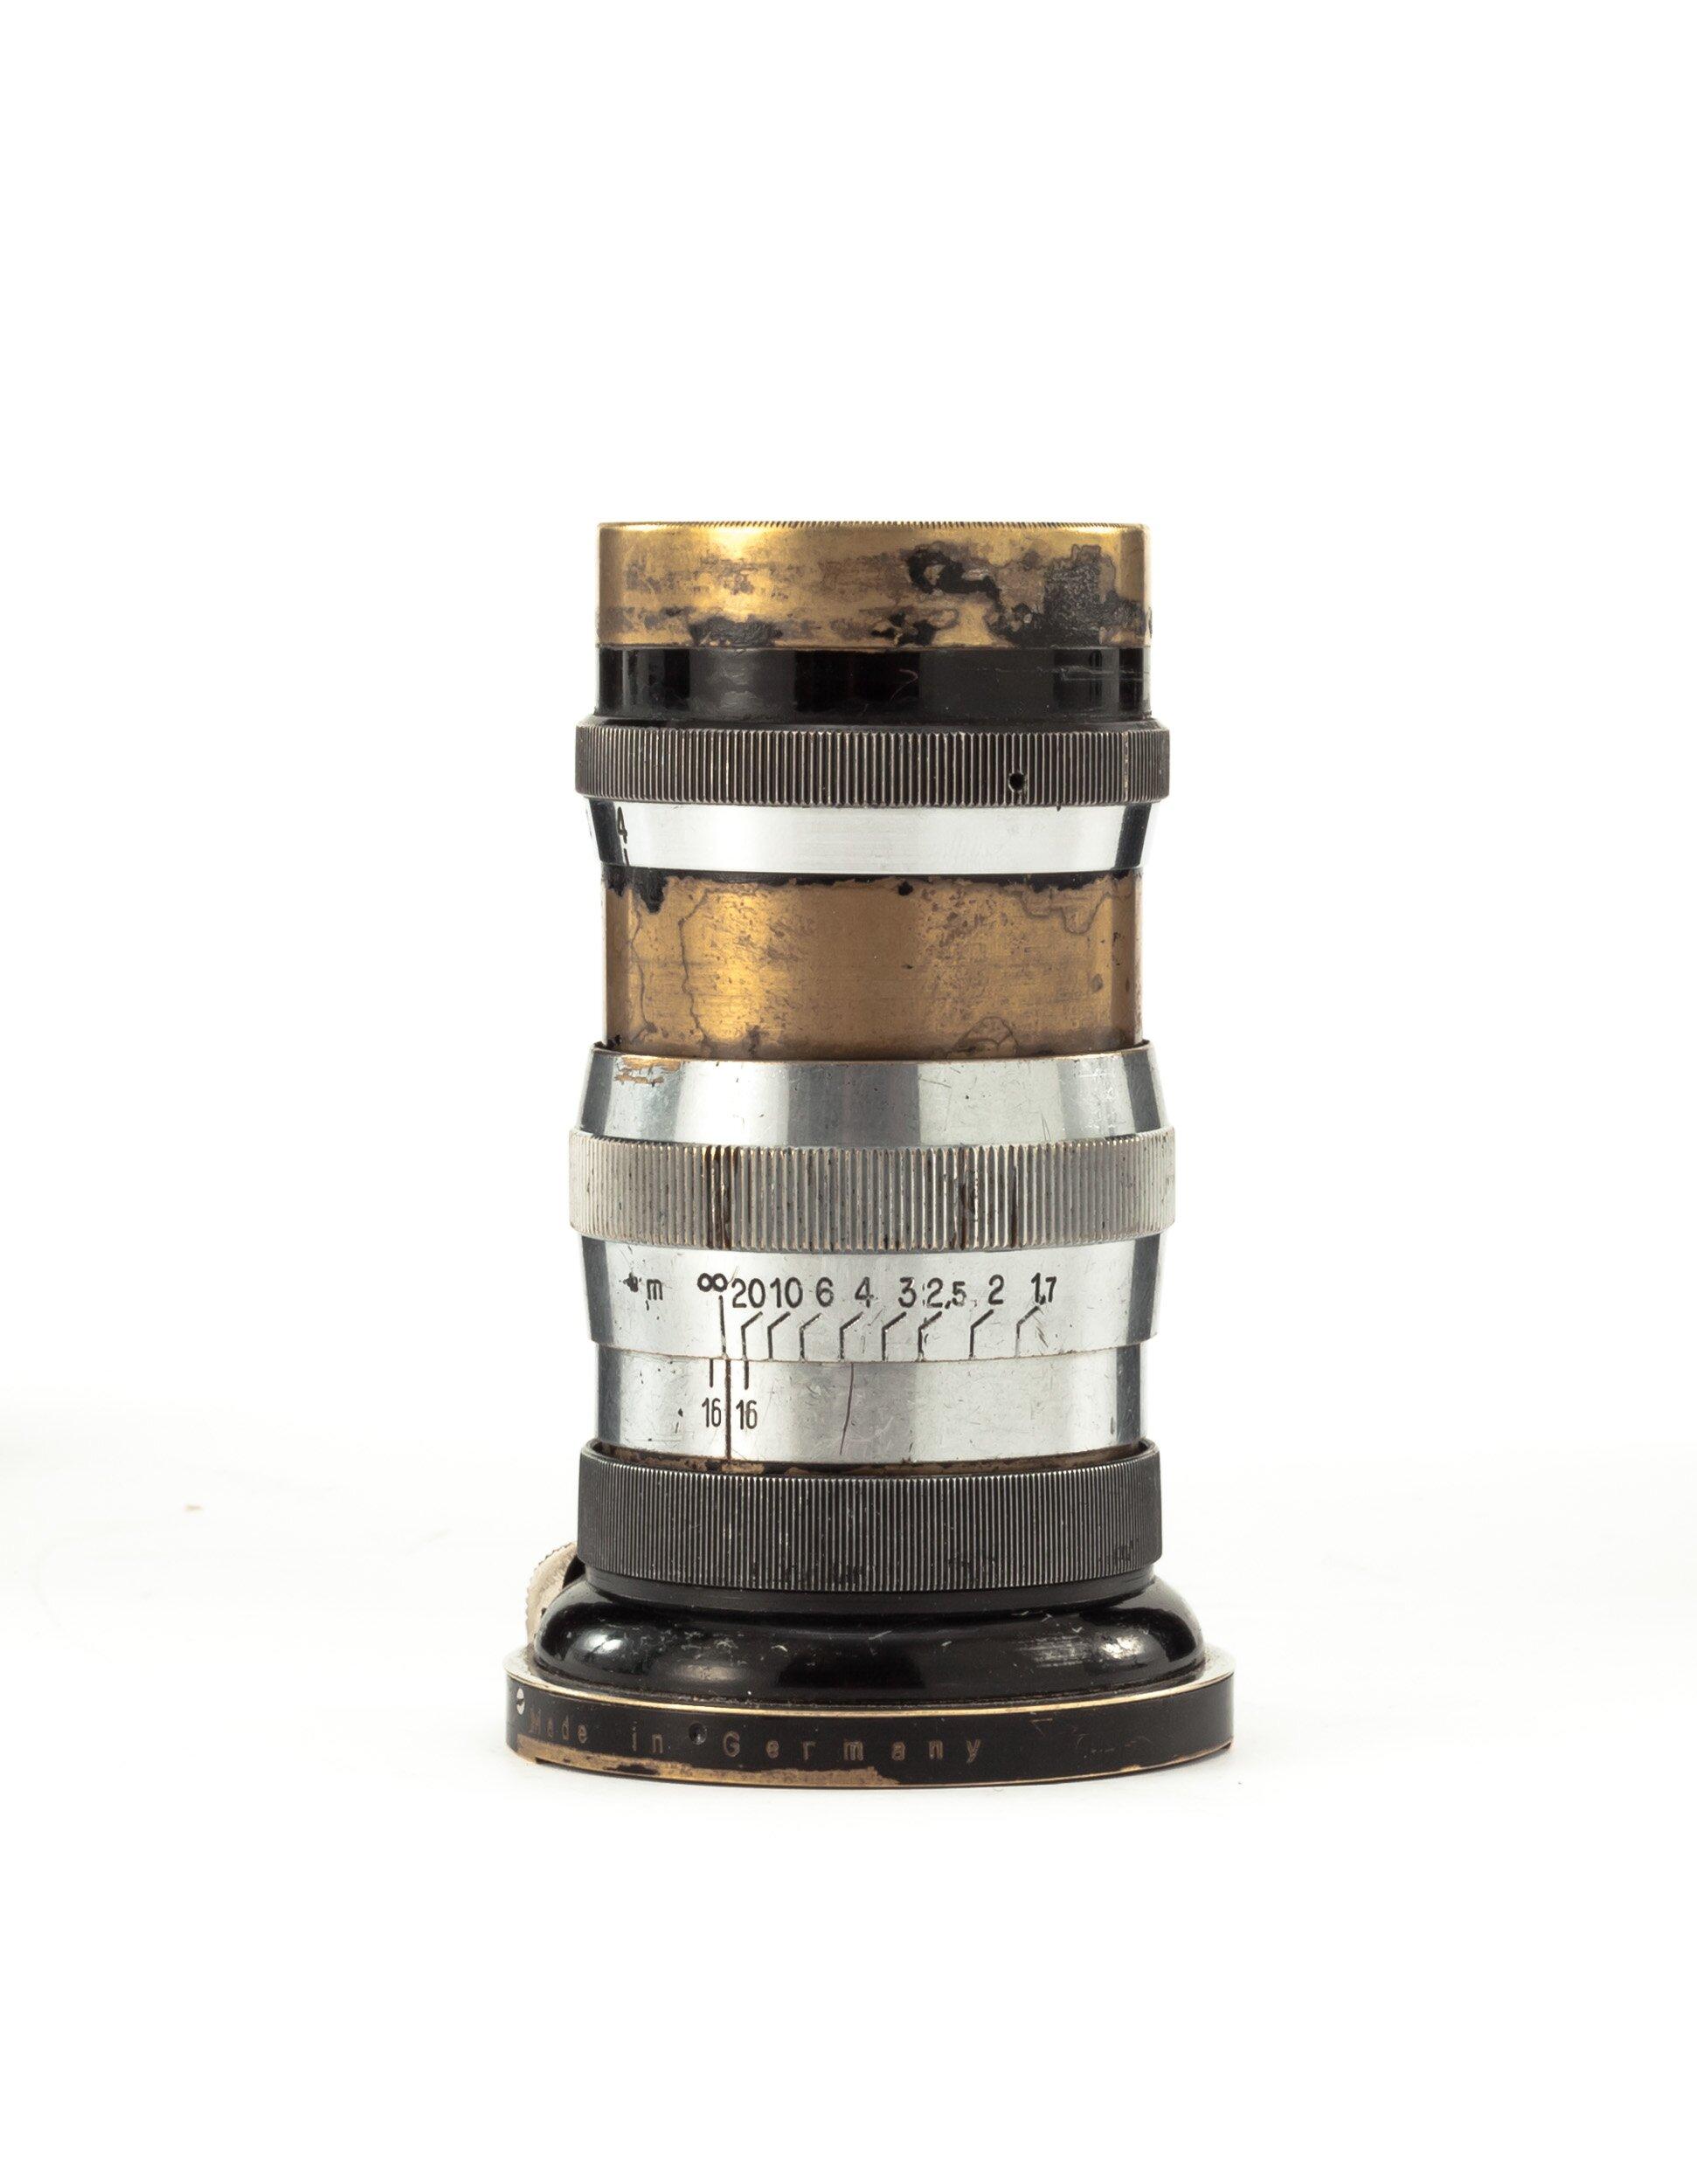 Carl Zeiss f. Contax RF 13,5cm 4 Sonnar